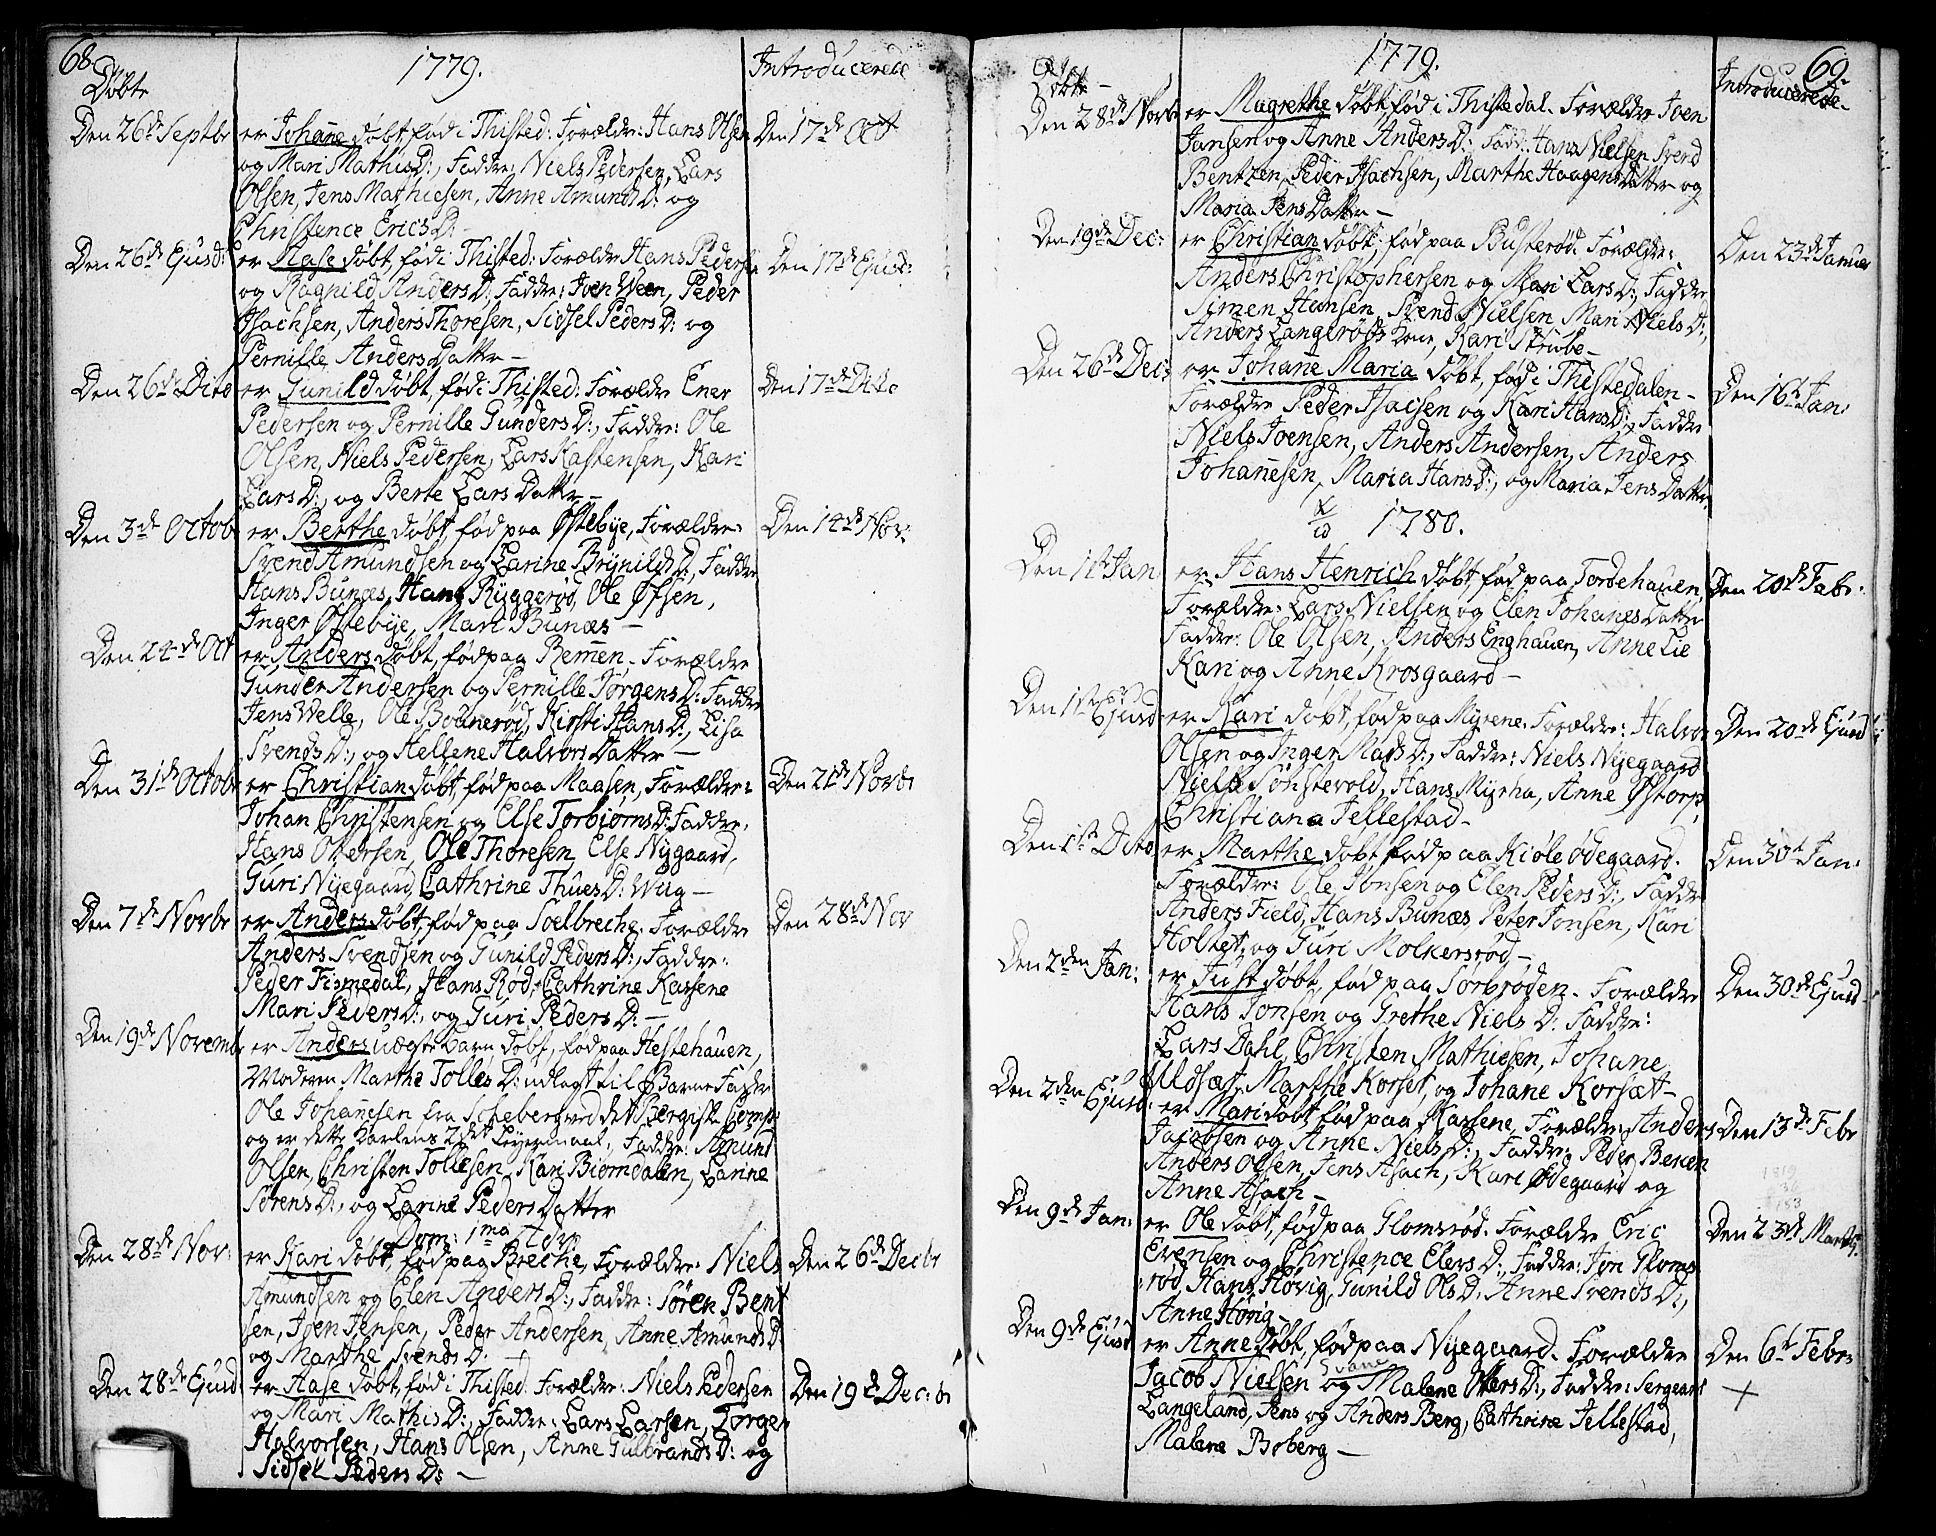 SAO, Berg prestekontor Kirkebøker, F/Fa/L0001: Ministerialbok nr. I 1, 1770-1814, s. 68-69